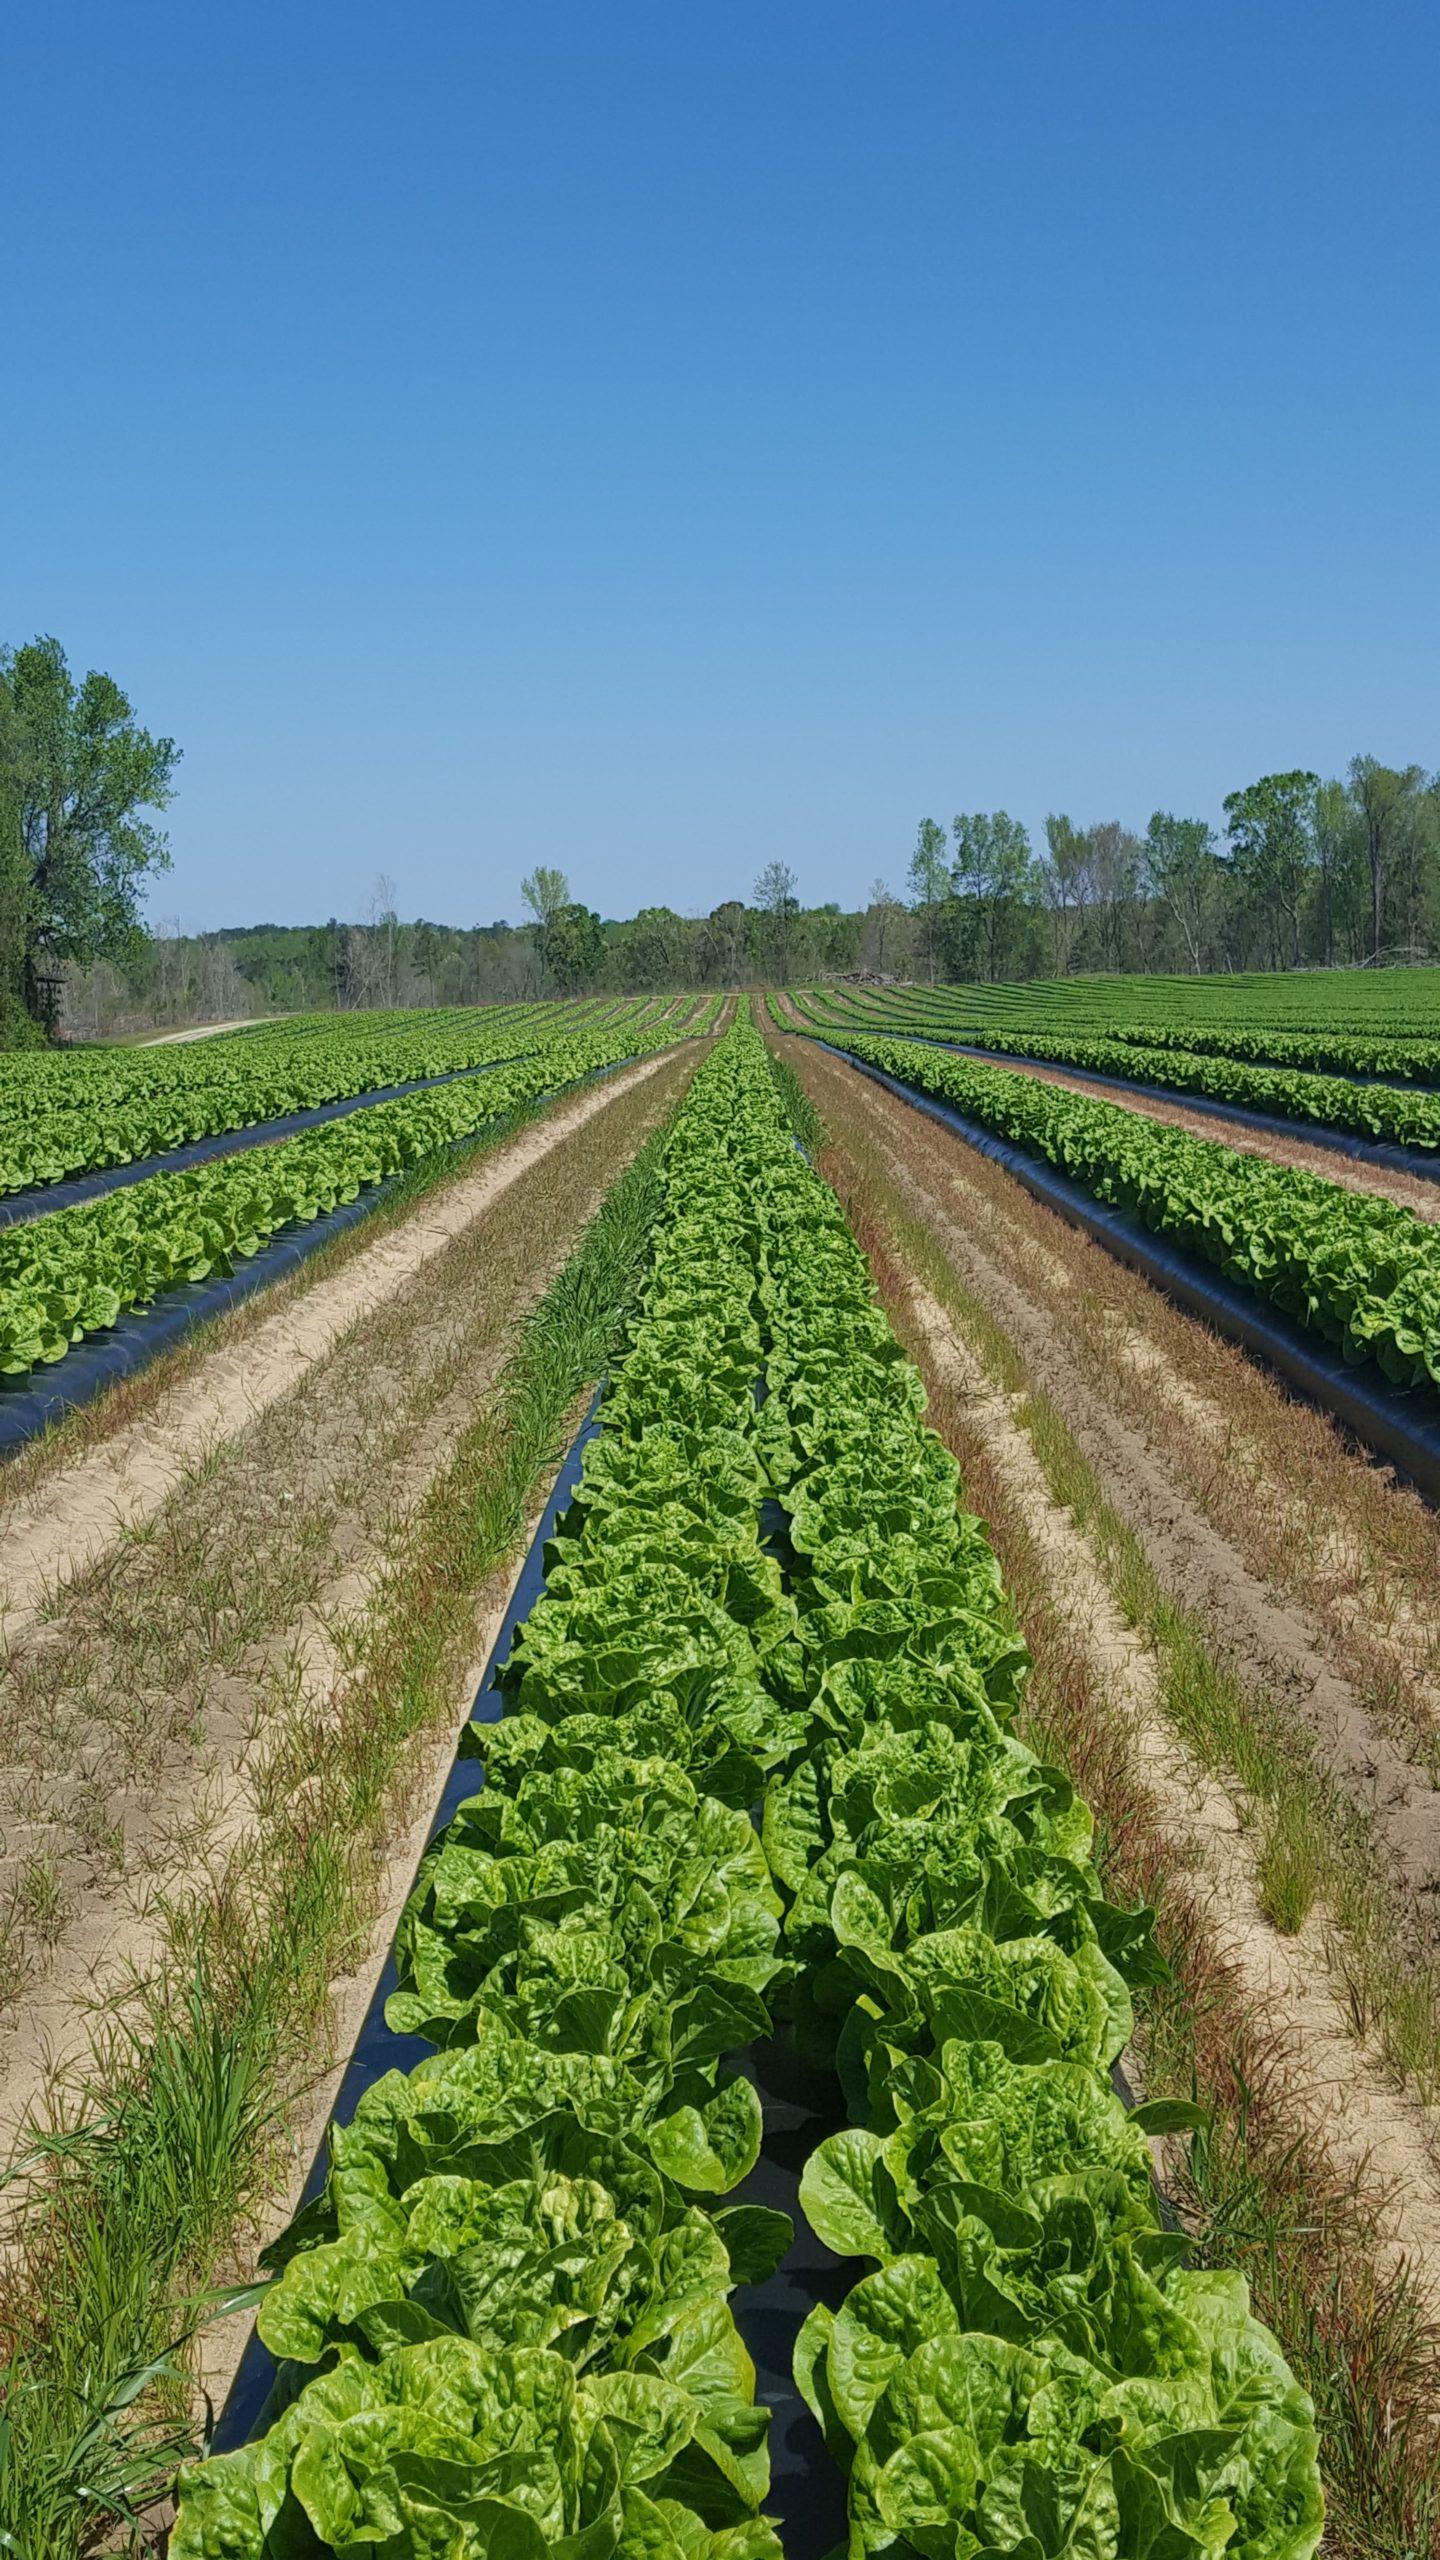 is romaine lettuce safe to eat? lettuce farm